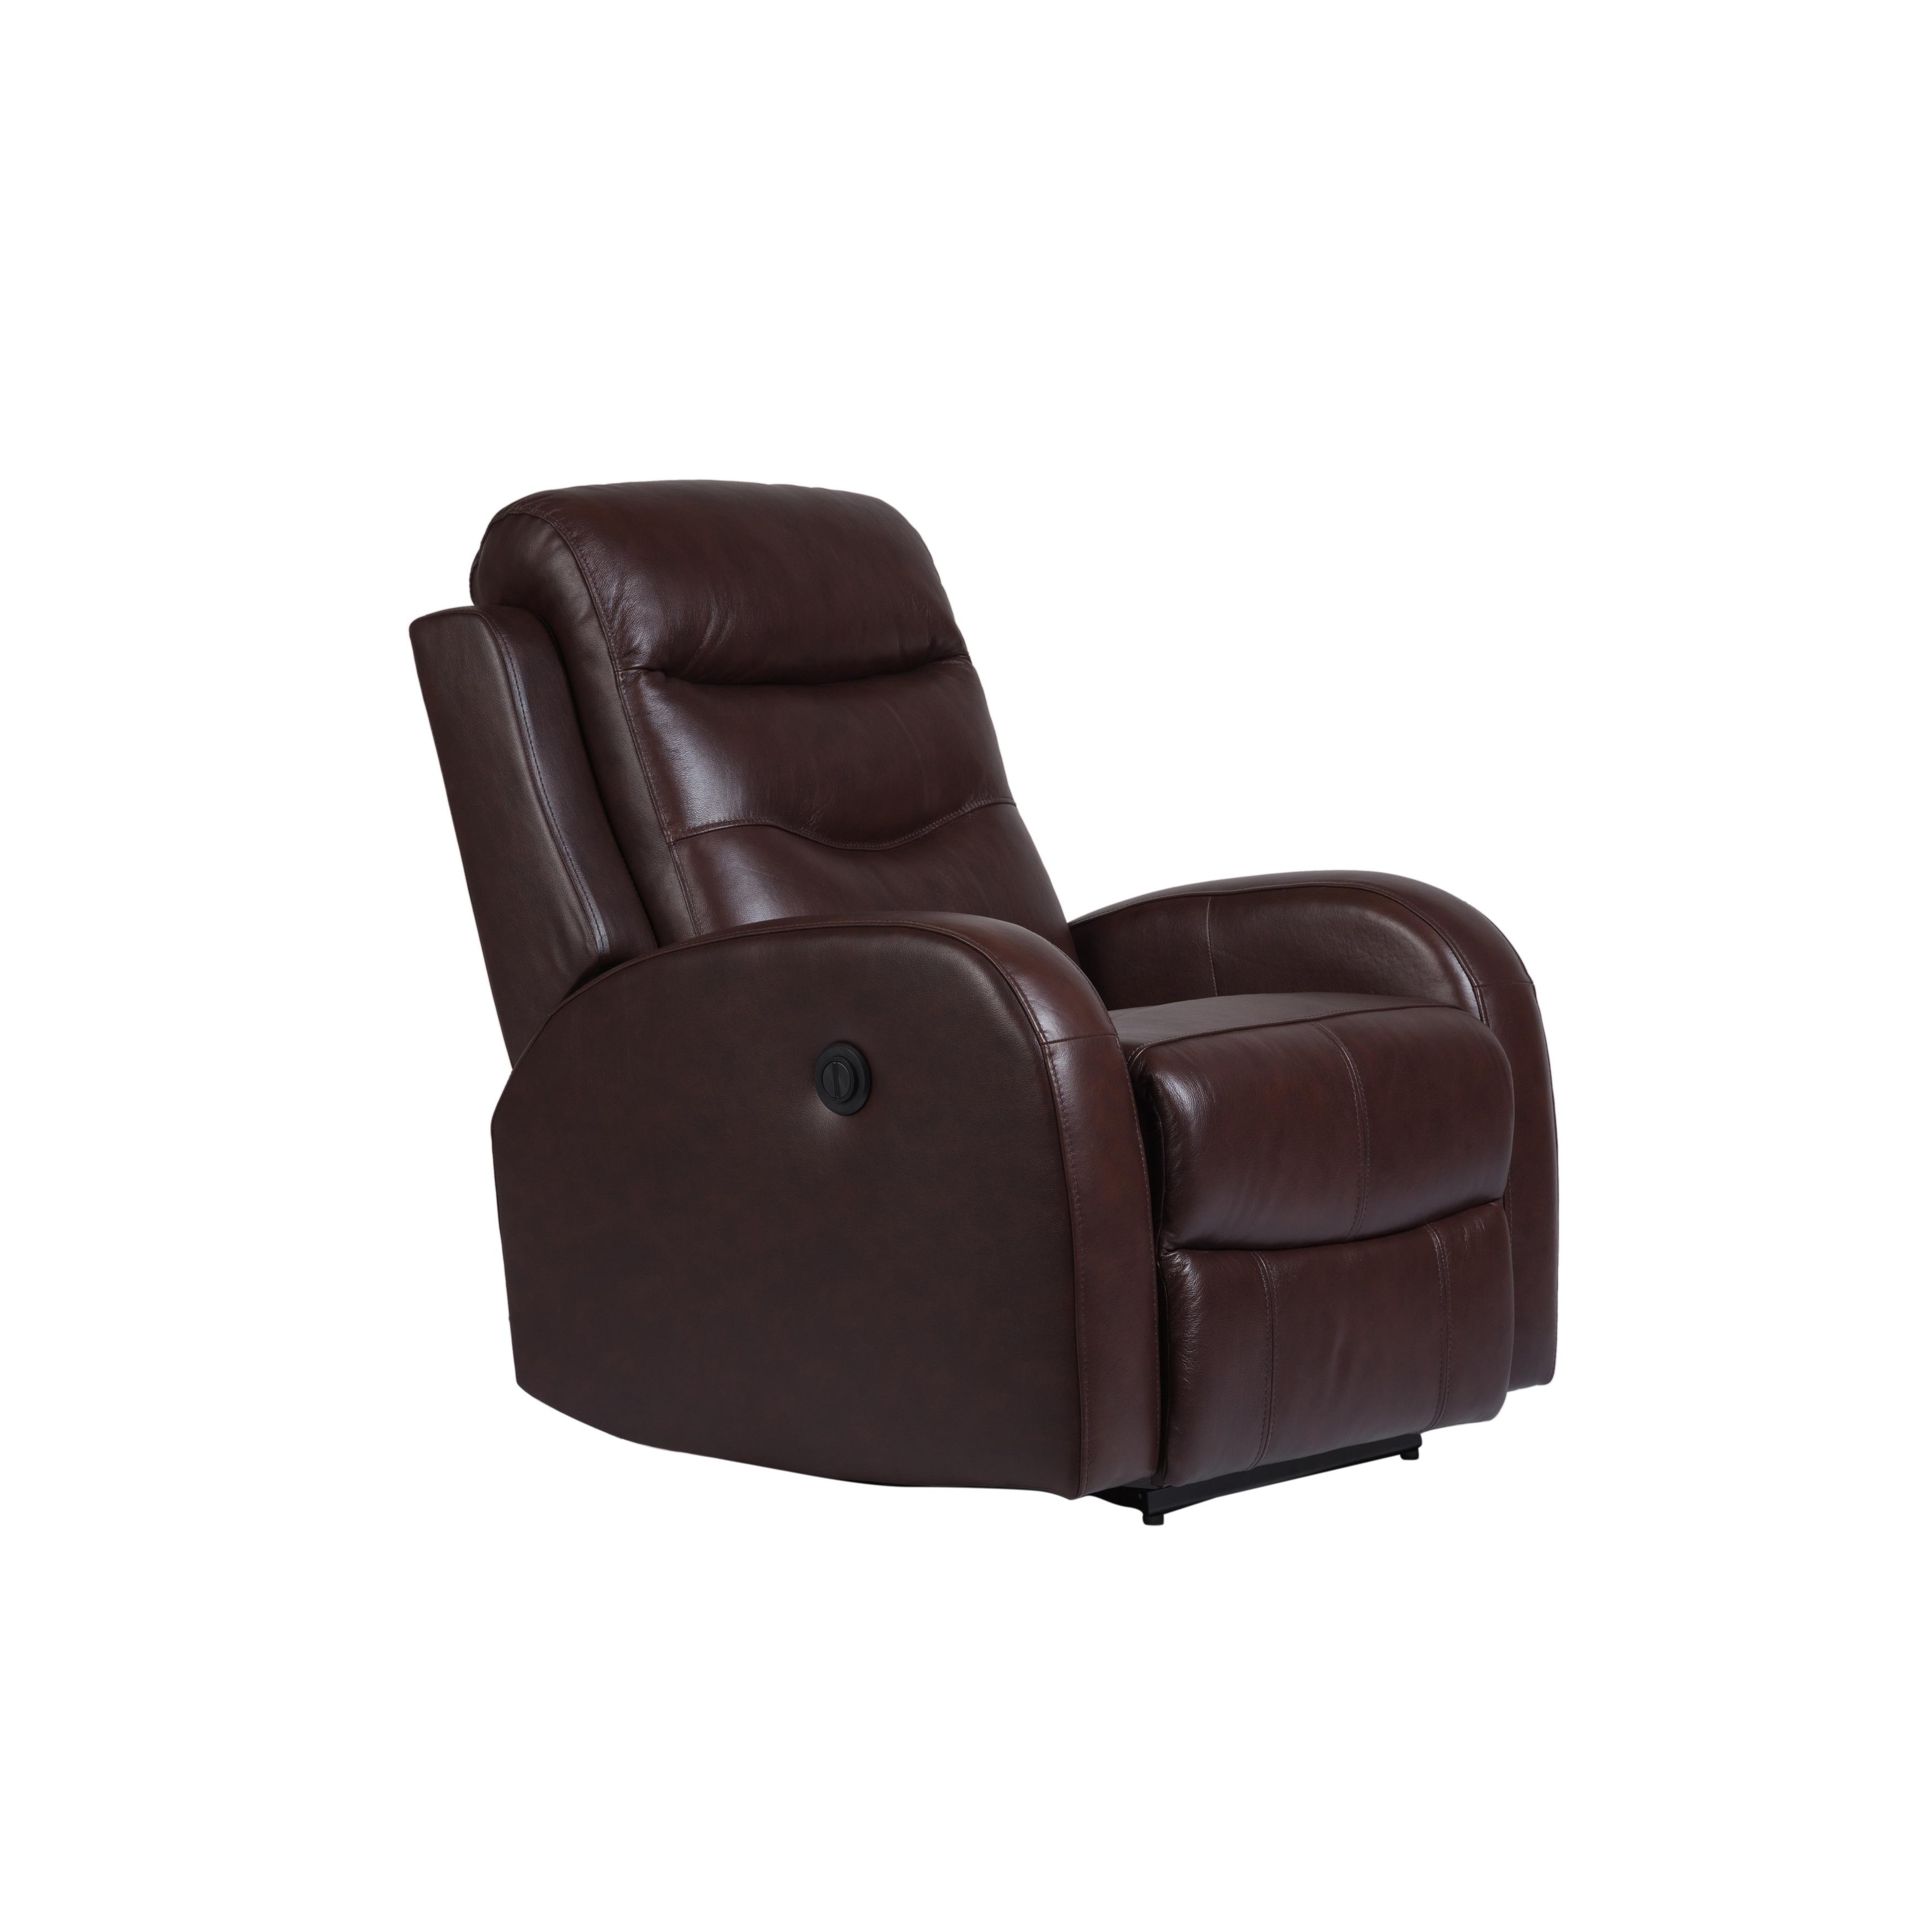 Incredible Porter Designs Jasper Cognac Leather Power Recliner Short Links Chair Design For Home Short Linksinfo